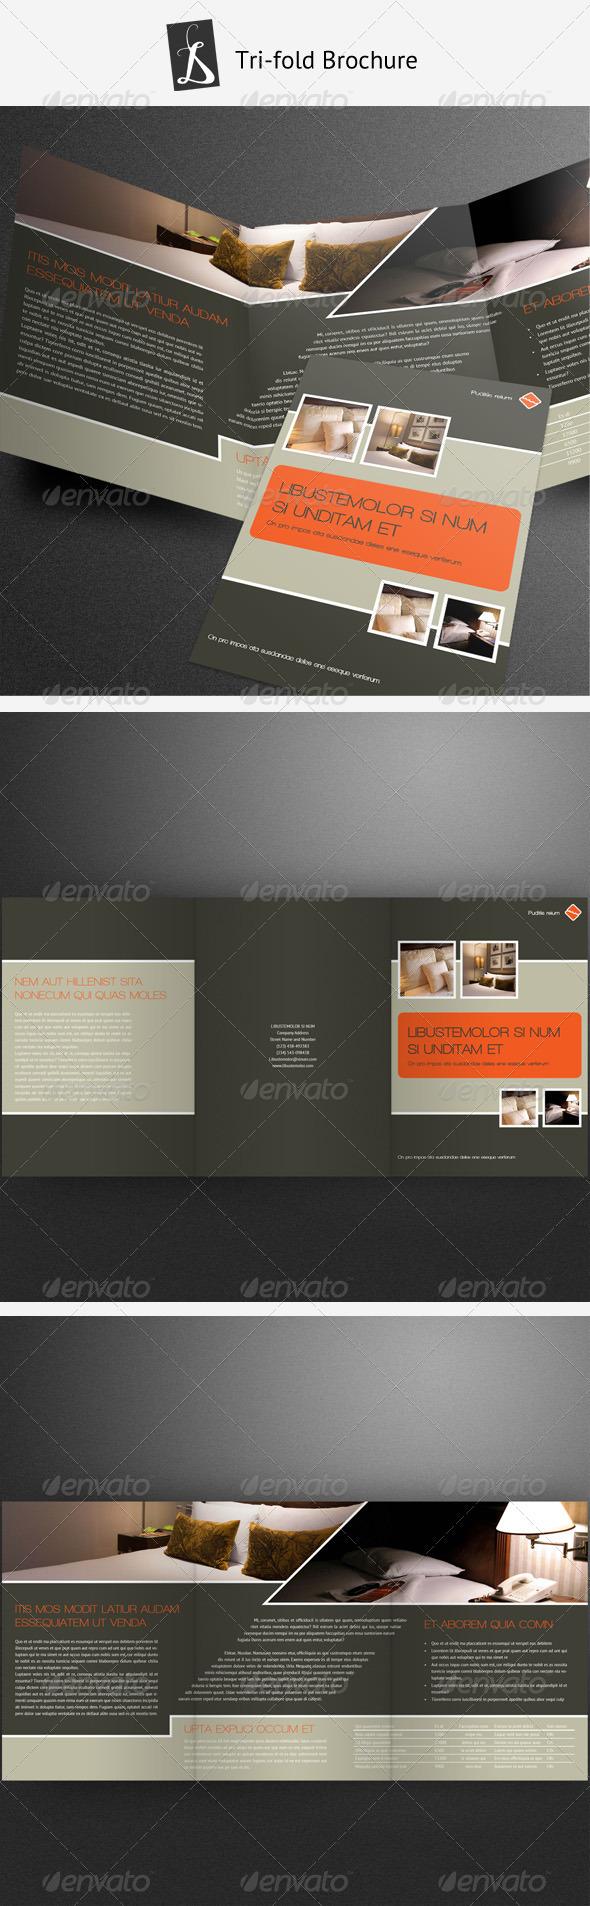 GraphicRiver Tri-fold Brochure 6 1479045